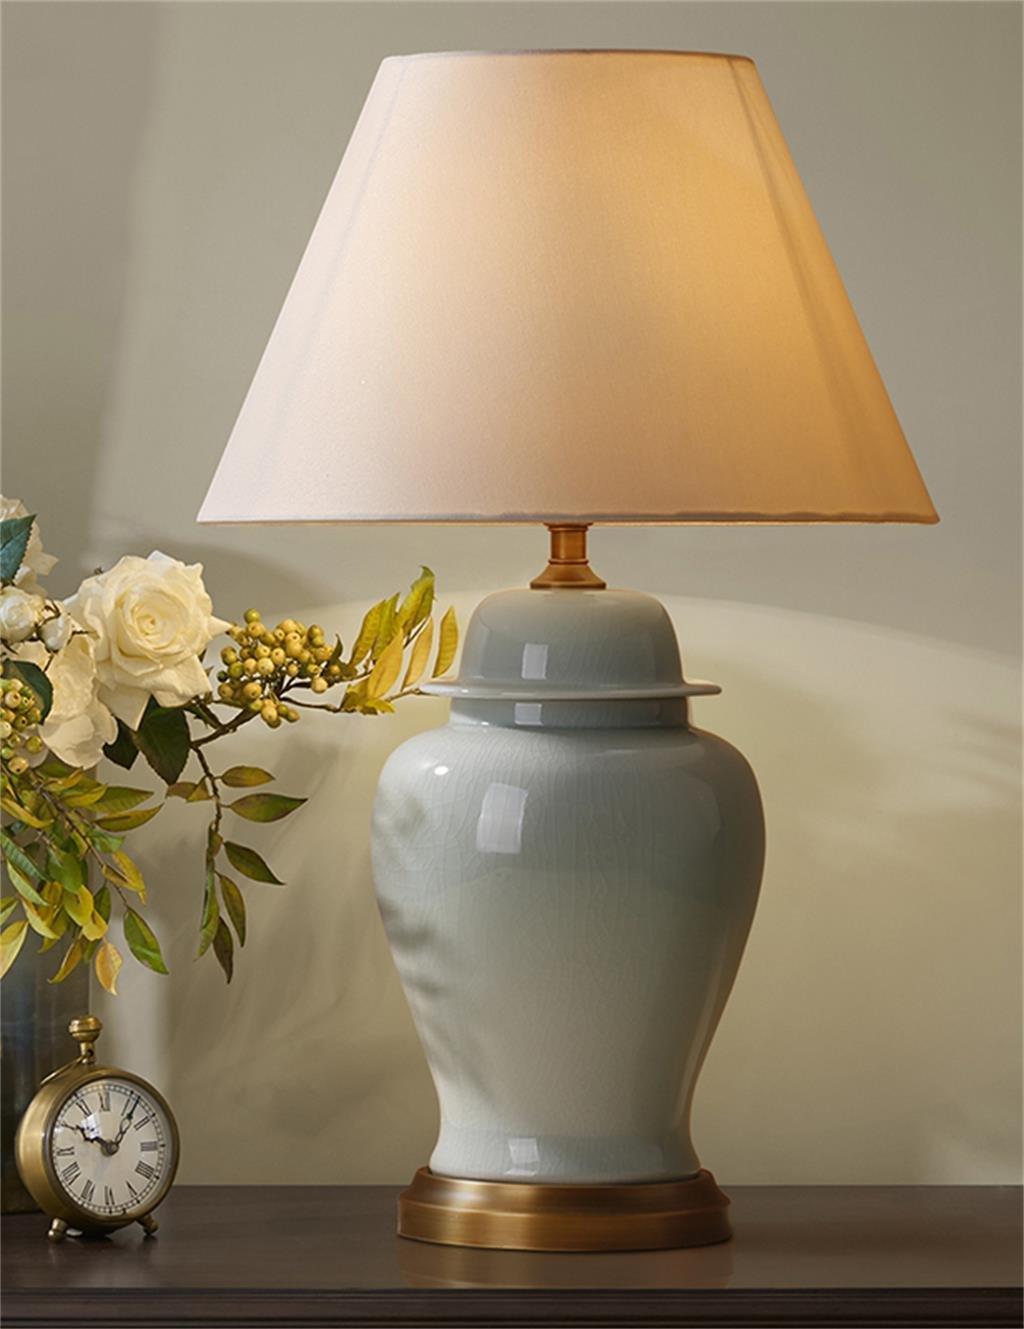 Amerikanische Vertraglich Wohnzimmer Schlafzimmer Nachttischlampe aus Keramik (zwei Größen Optional) ( größe : 40 cm )